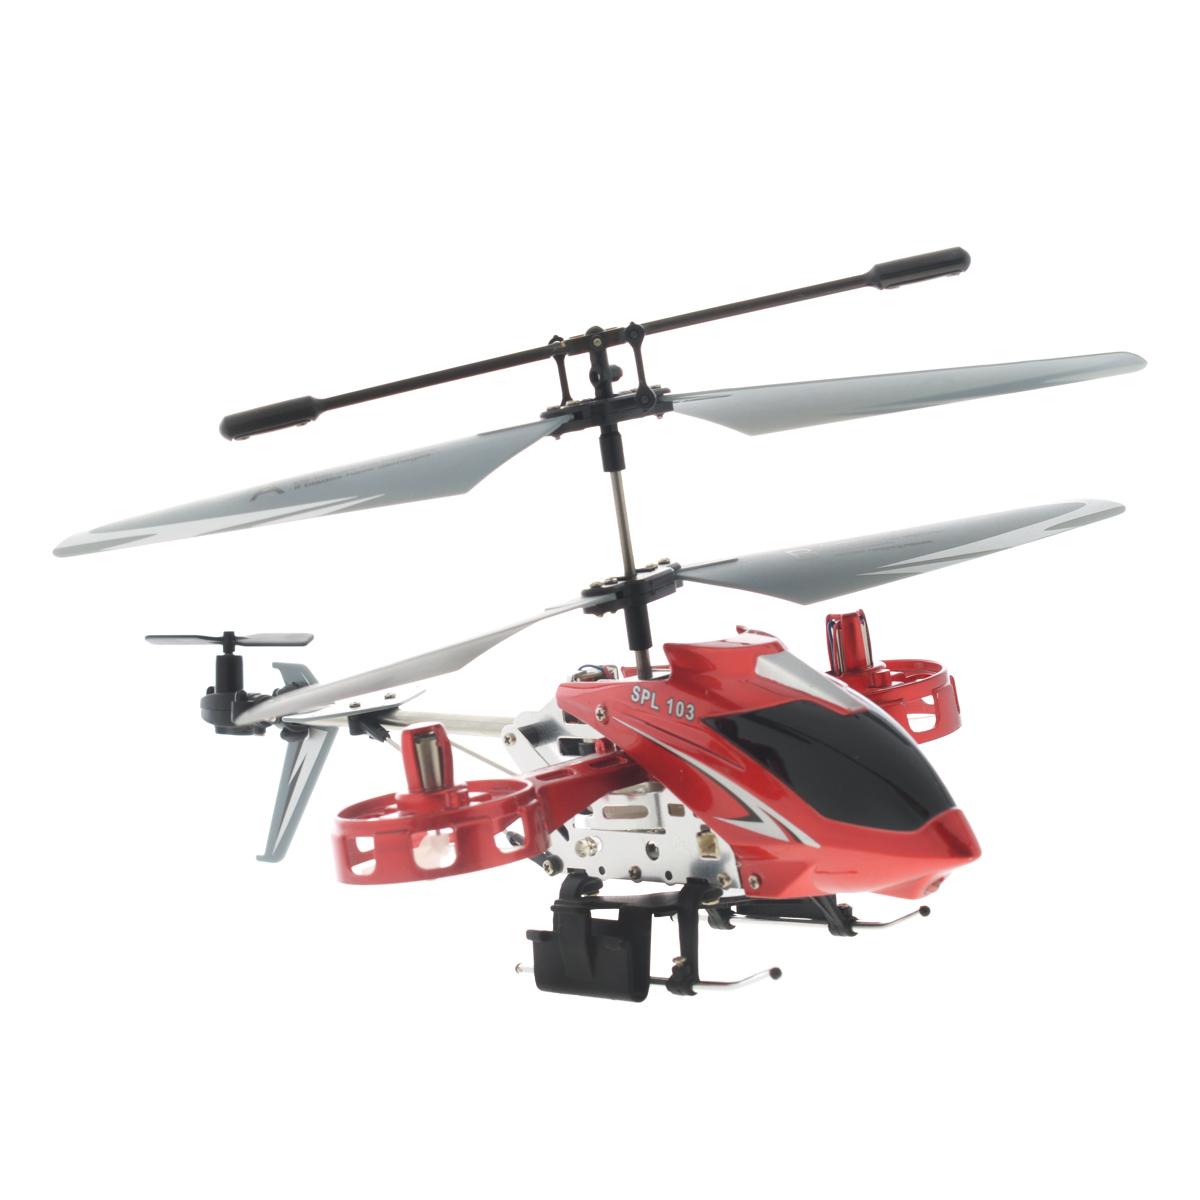 SPL-Technik Вертолет на радиоуправлении SPL 103IG104Радиоуправляемая модель Вертолет SPL 103 - отличный подарок для вашего ребенка. Изюминка модели - в ее оригинальной конструкции: две боковых моторных гондолы добавляют заложенному в основу трехканальному прототипу возможность управления креном, то есть движением боком влево или вправо. Вы даже можете попробовать на нем простые фигуры высшего пилотажа. Благодаря наличию встроенного гироскопа, вертолетом очень легко и просто управлять. При наличии желания и терпения любой новичок сможет поднять вертолет в воздух и насладиться полетом. Вертолет работает от встроенного литий-полимерного аккумулятора c напряжением 3,7V 220 mAh (входит в комплект). Пульт управления работает от 6 батареек типа АА (не входят в комплект). Время нахождения в полете: 6-8 минут. Дальность сигнала: 10 м. Необходимое время для подзарядки: 40 минут.